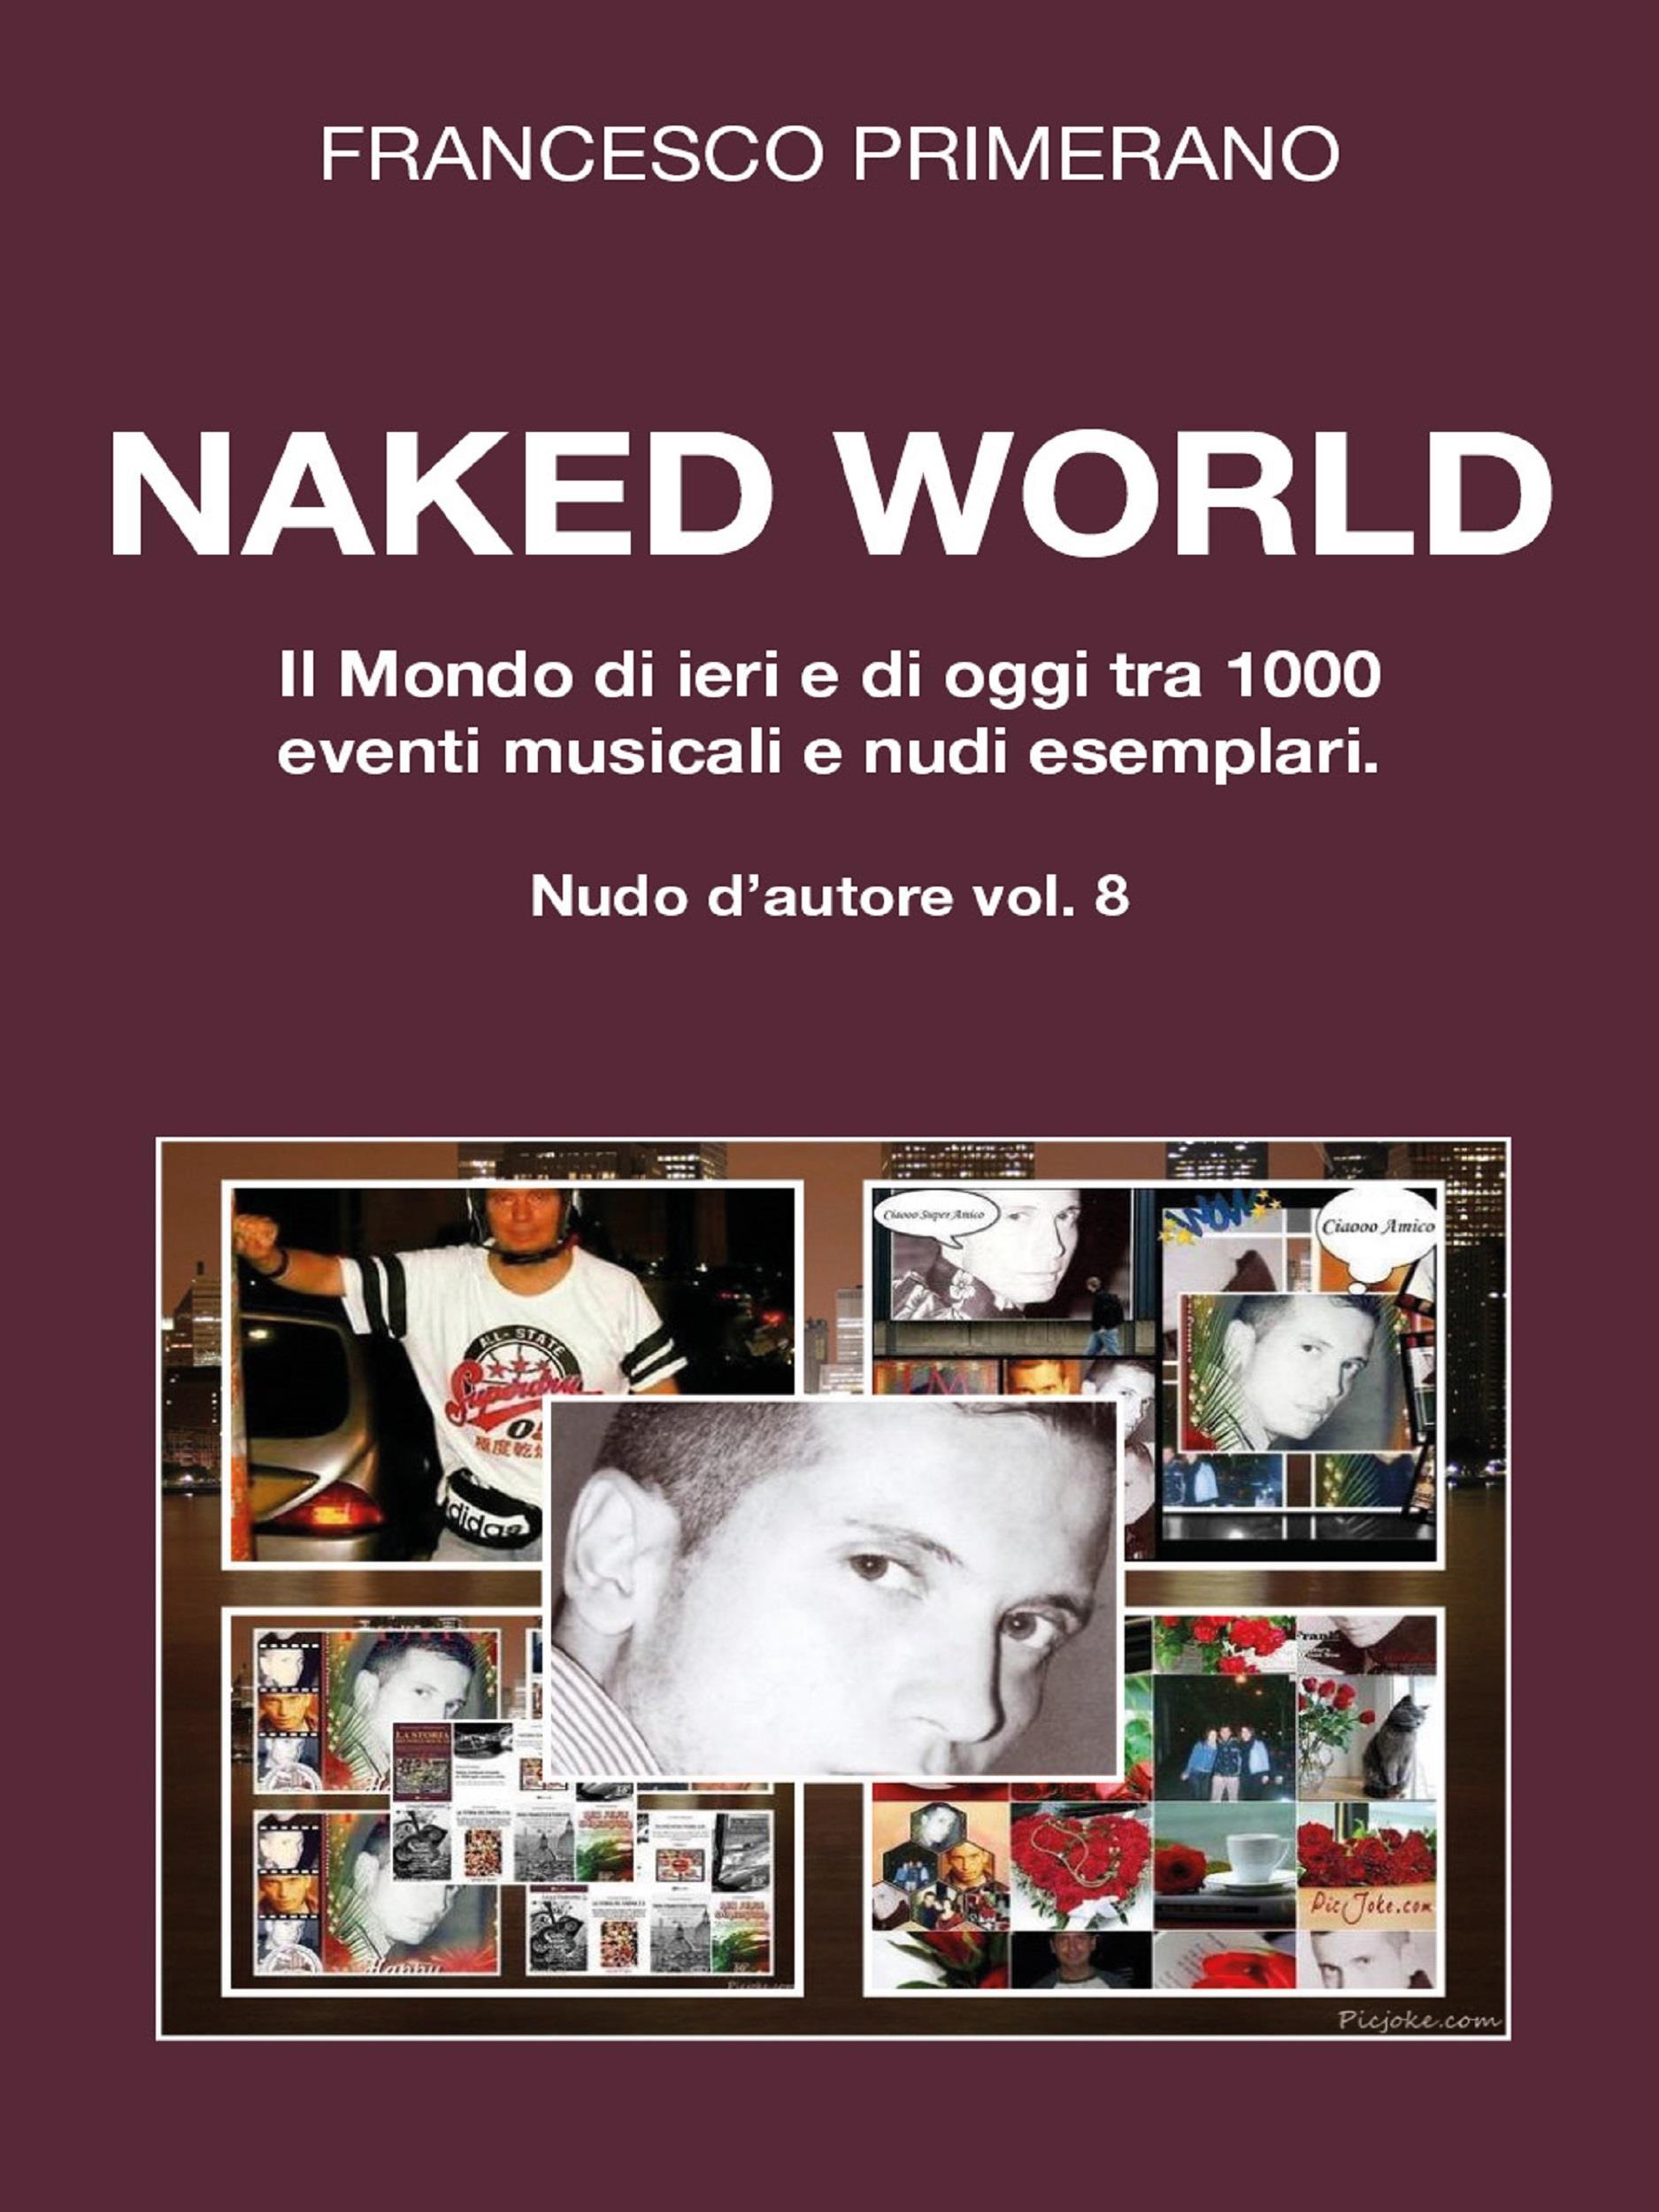 Naked World. Il Mondo di ieri e di oggi tra 1000 eventi musicali e nudi esemplari